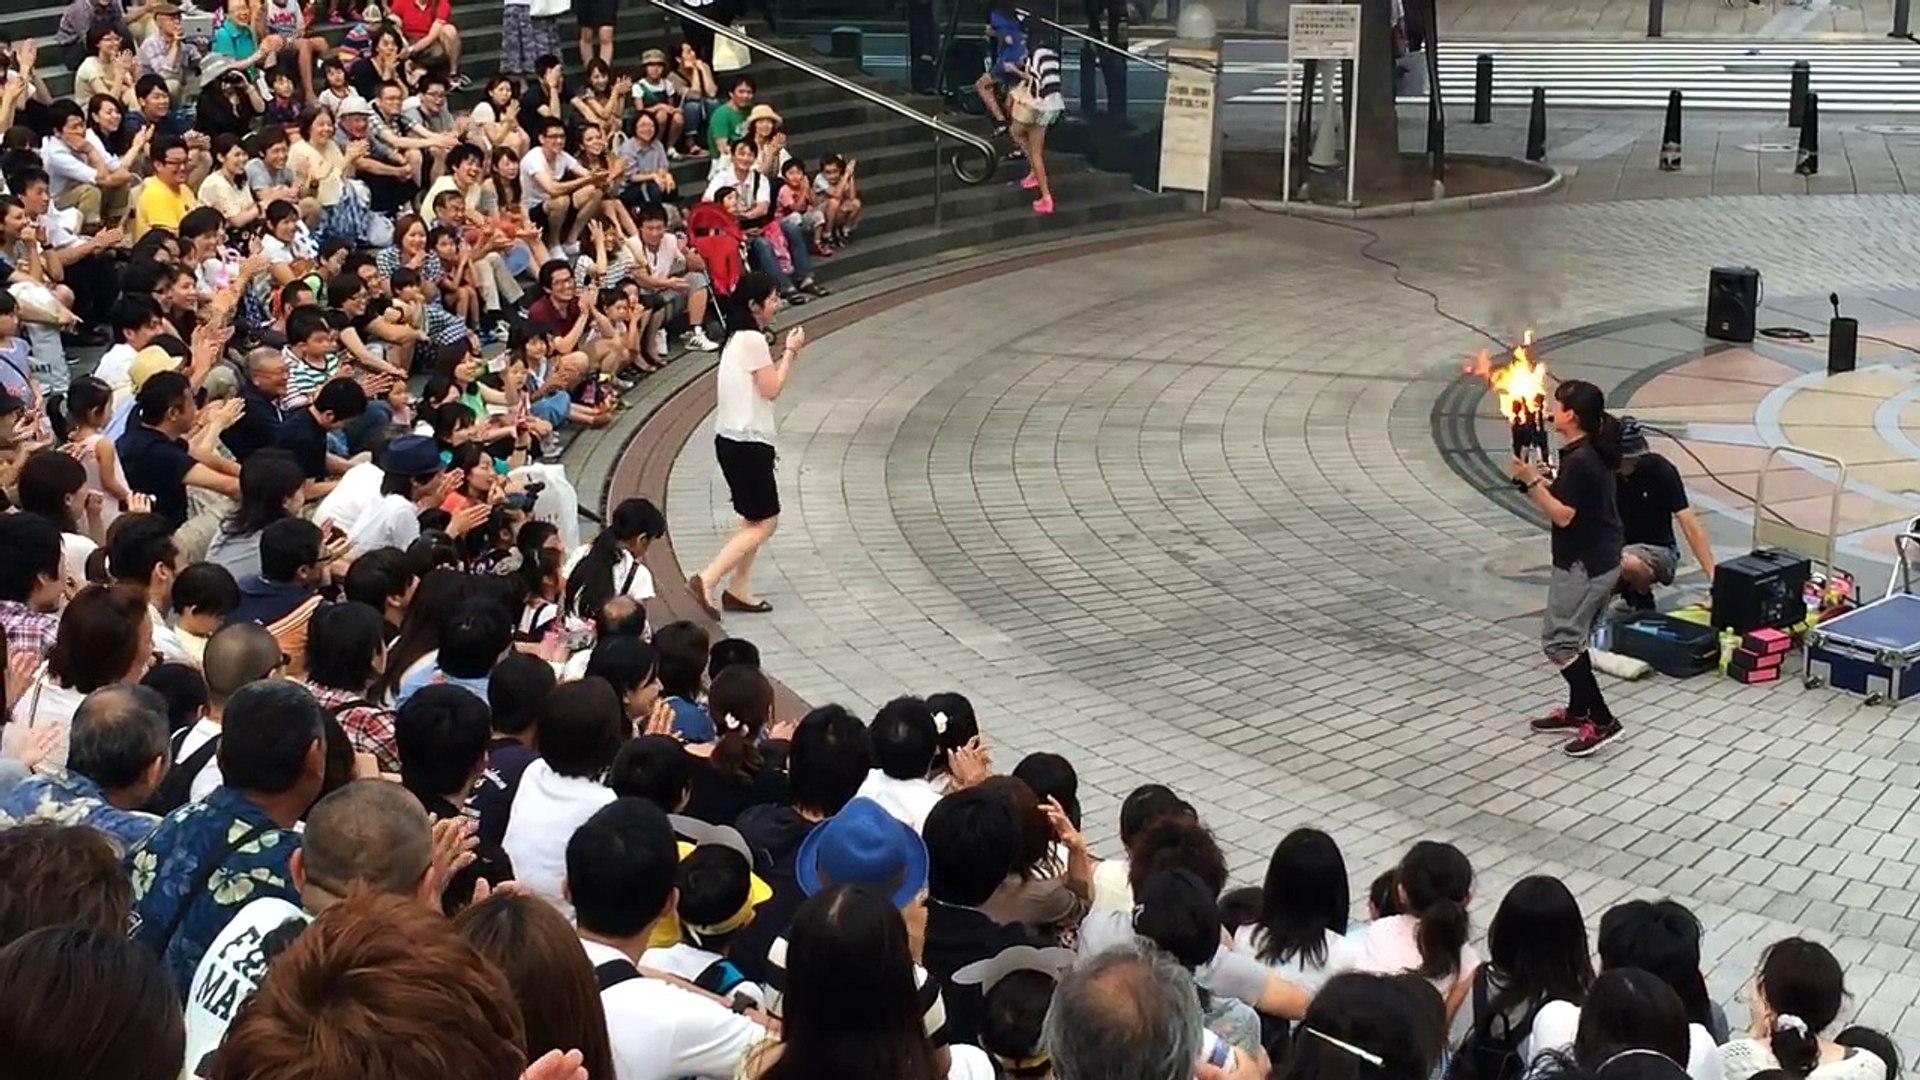 サプライズプロポーズ【横浜大道芸 川原彰&奥田優子】 2014.7.20